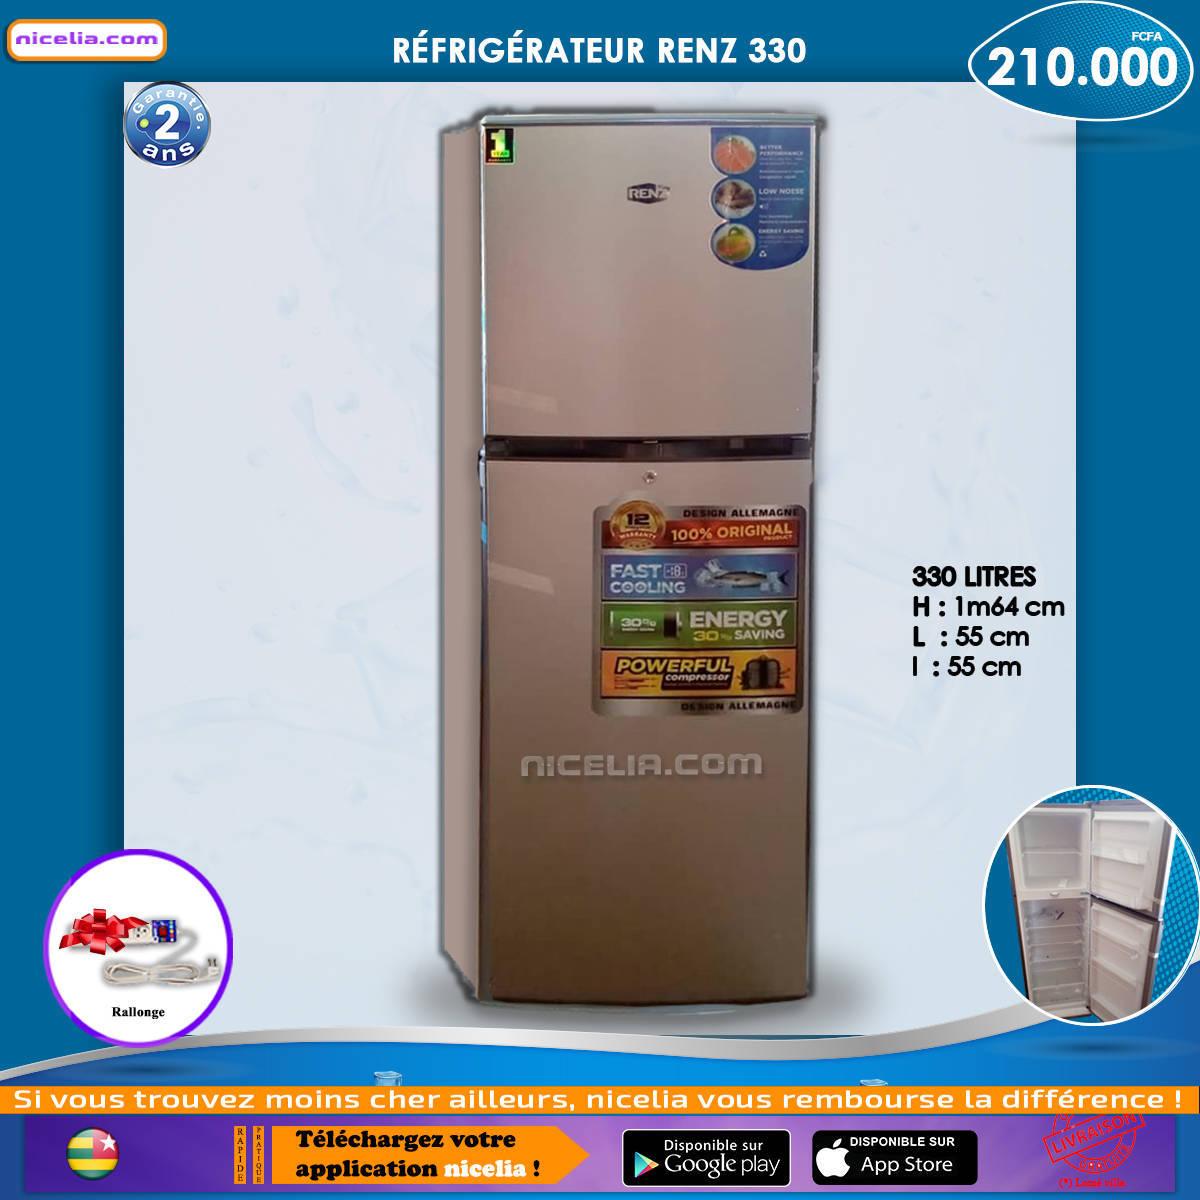 Réfrigérateur Renz 330